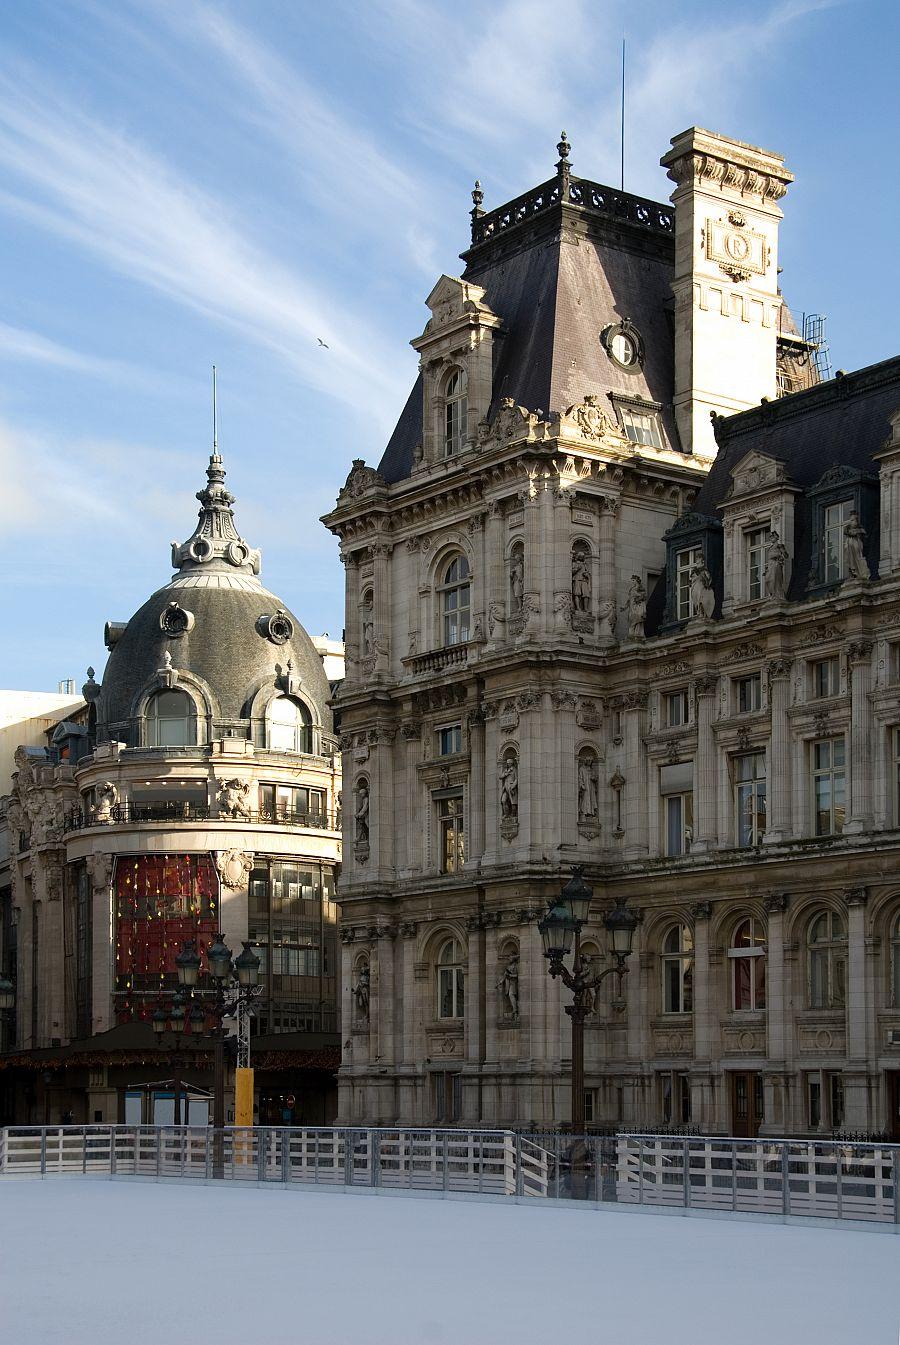 Pařížská radnice a kluziště